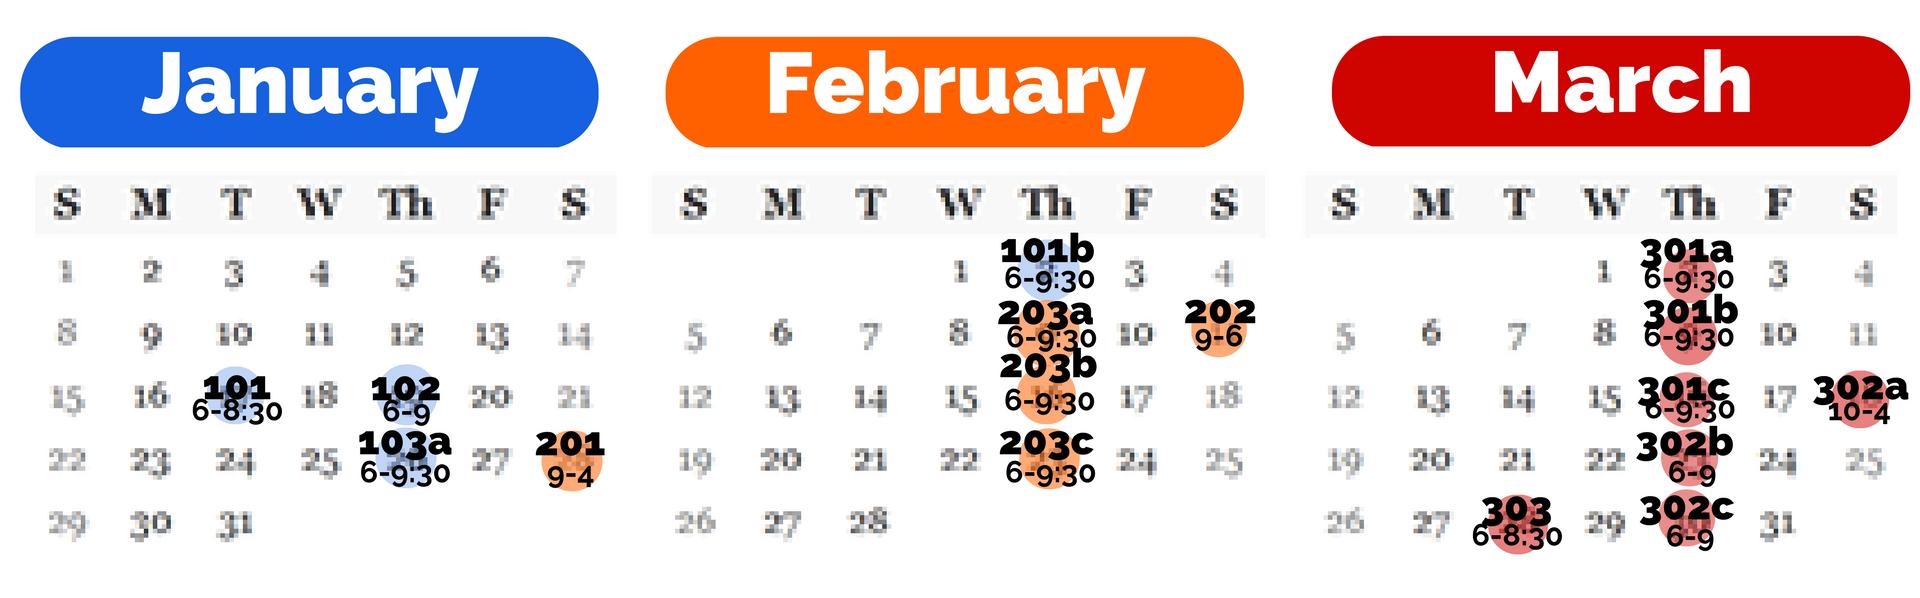 woodworking_calendar_seriestimes.png